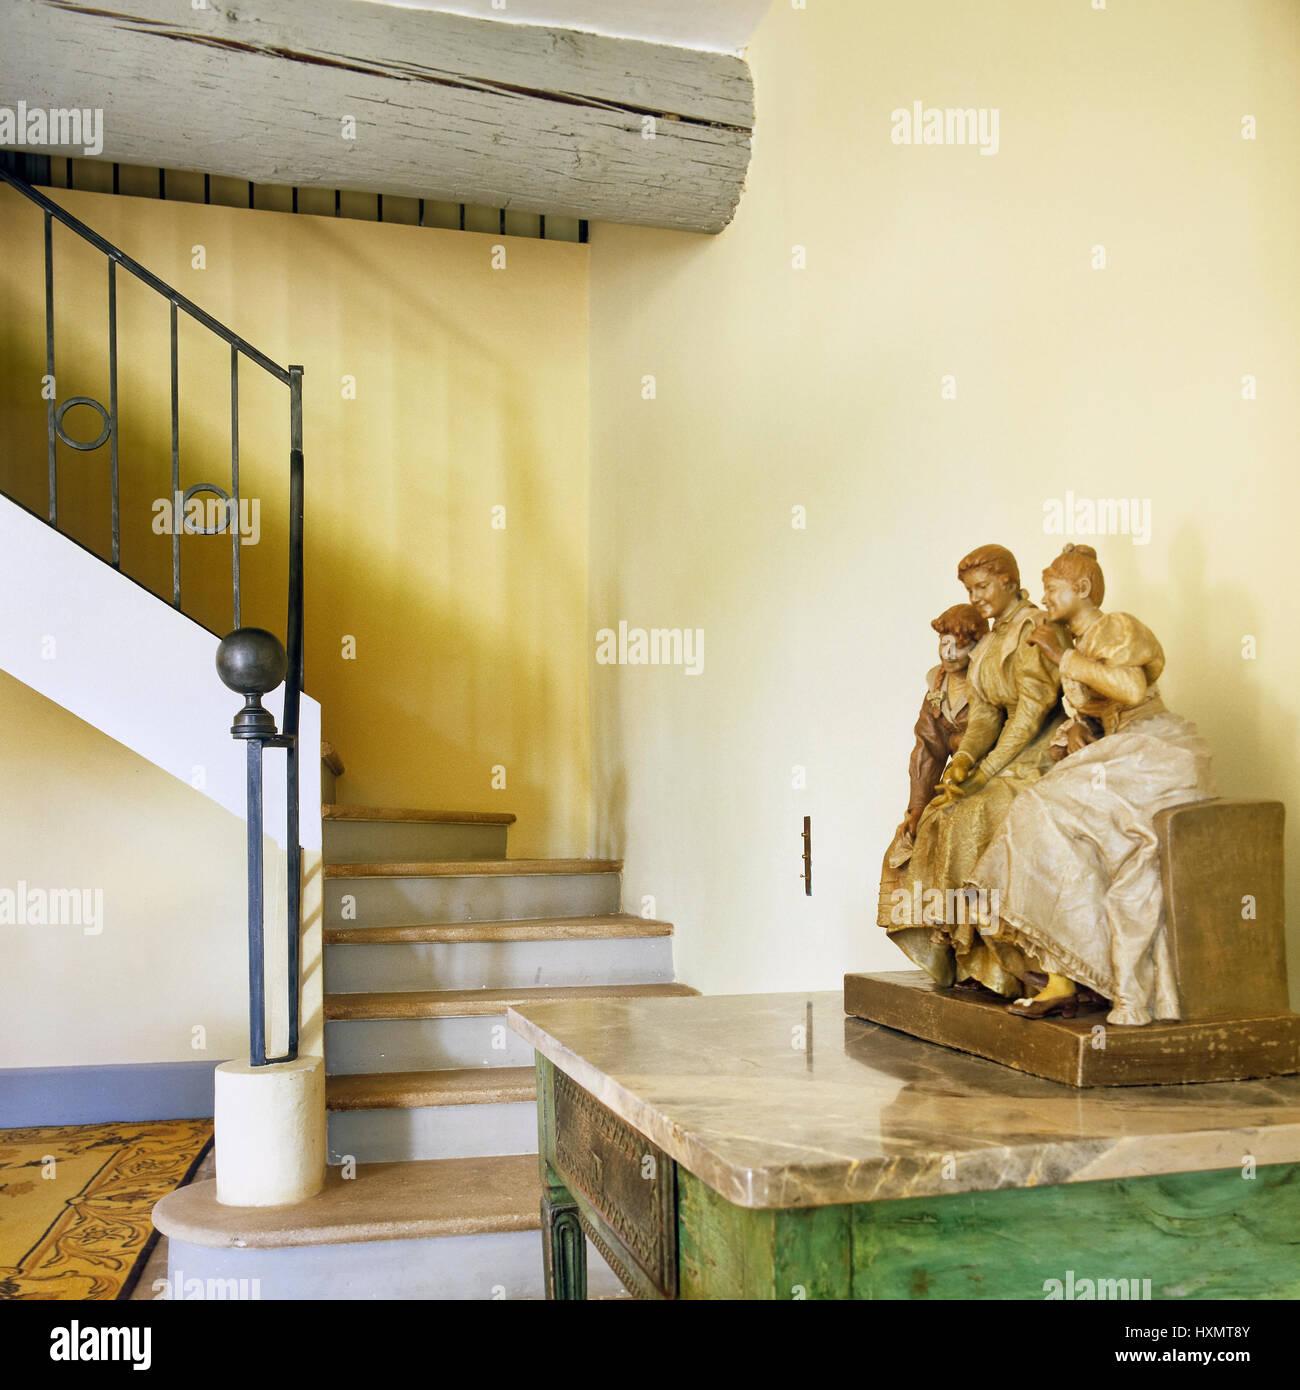 Grand Staircase Interior Home Stock Photos & Grand Staircase ...